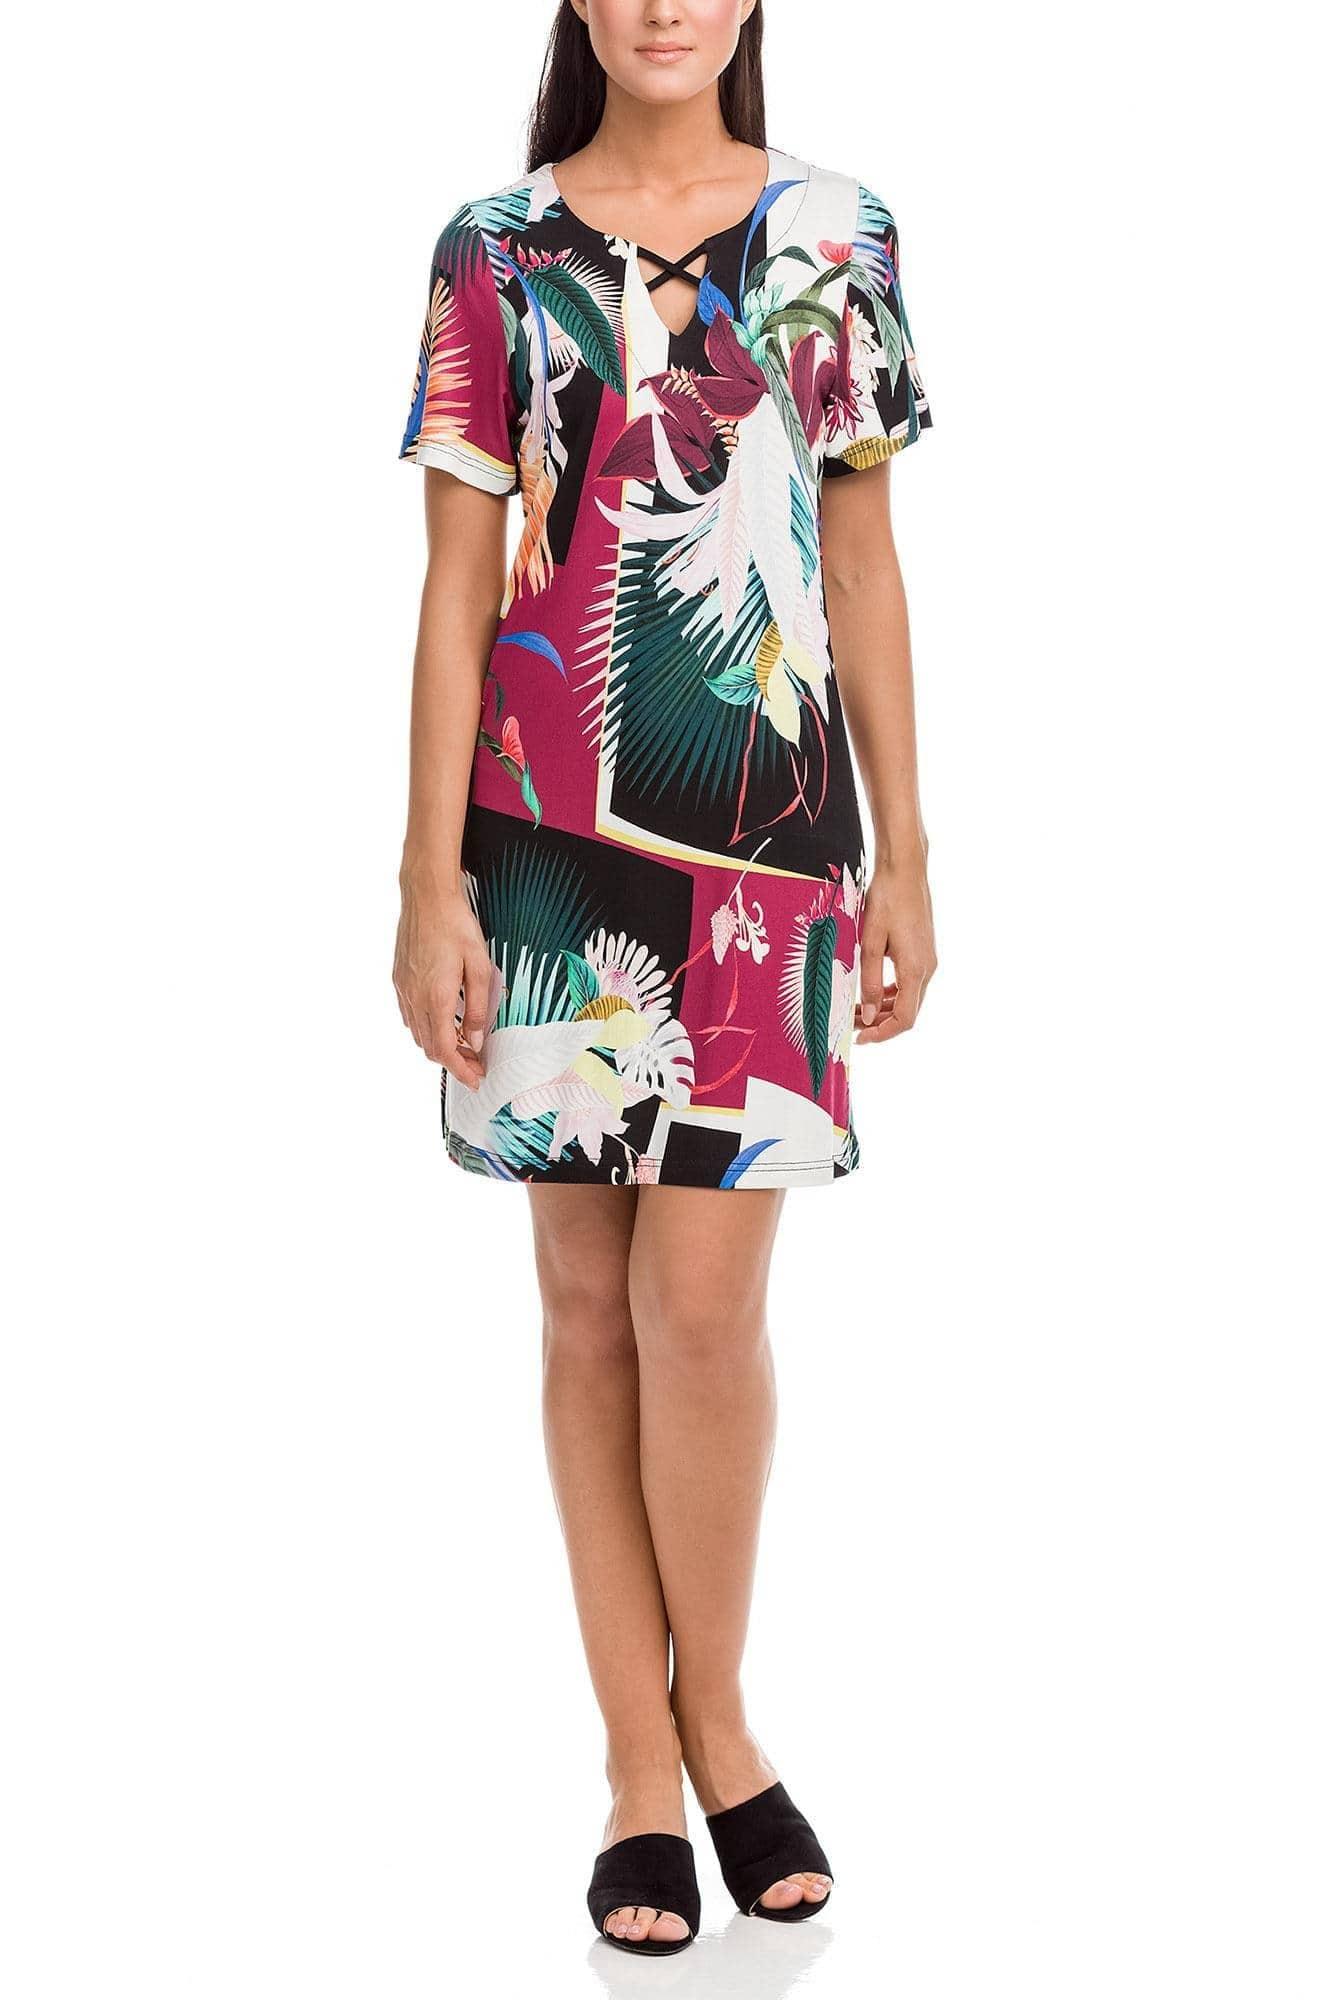 Φόρεμα Παραλίας Abstract